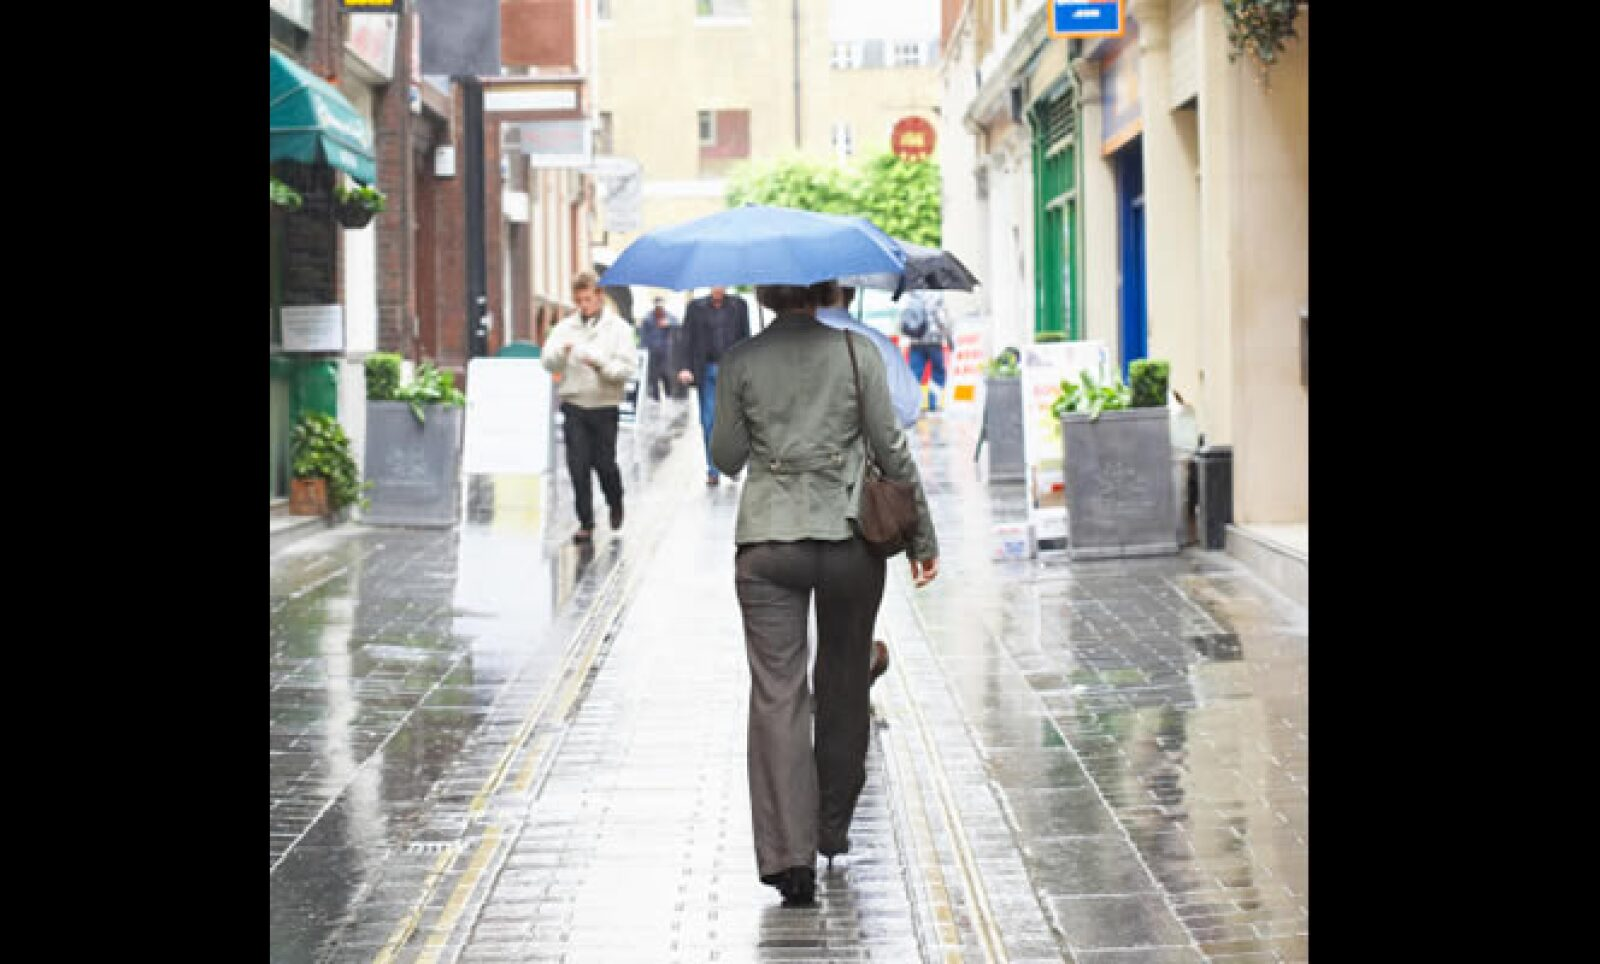 Si vas a viajar a Londres, no olvides que se caracteriza por ser un destino en el cual constantemente llueve. Según la página de pronóstico climático weather.com, durante mayo la temperatura mínima estará en los 9° C y la máxima en los 20° C.